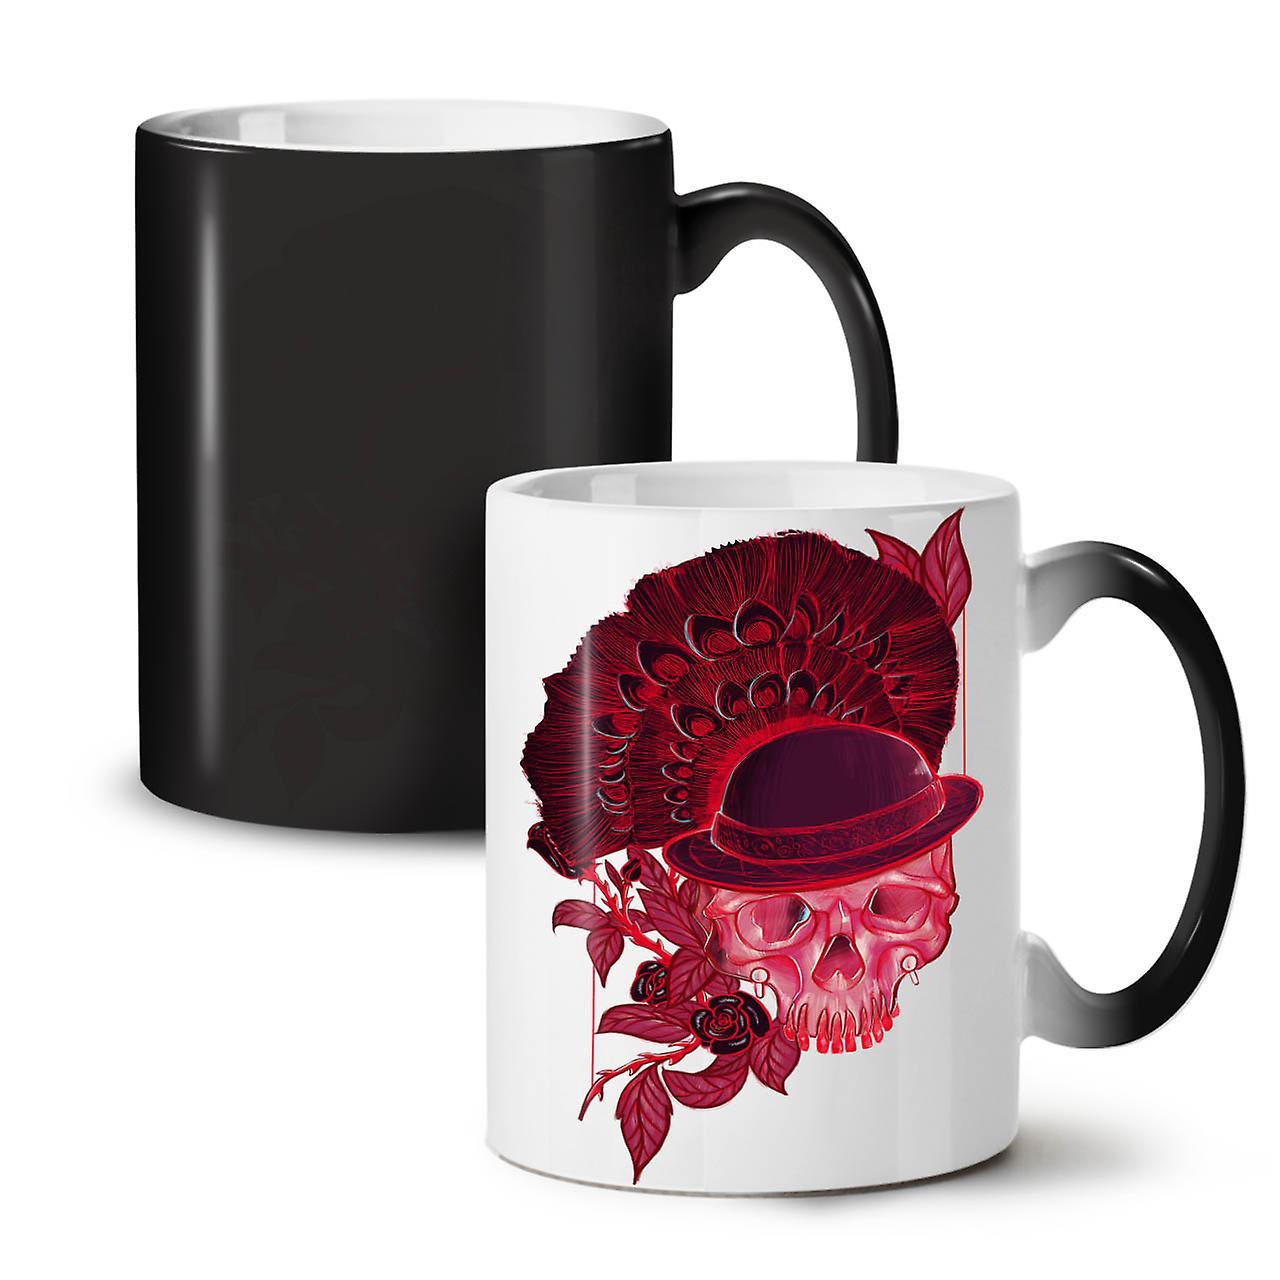 Nouveau Tasse 11 Noir Café Céramique Rouge Crâne Changeant Coloris Thé OzWellcoda sdhCQxtr